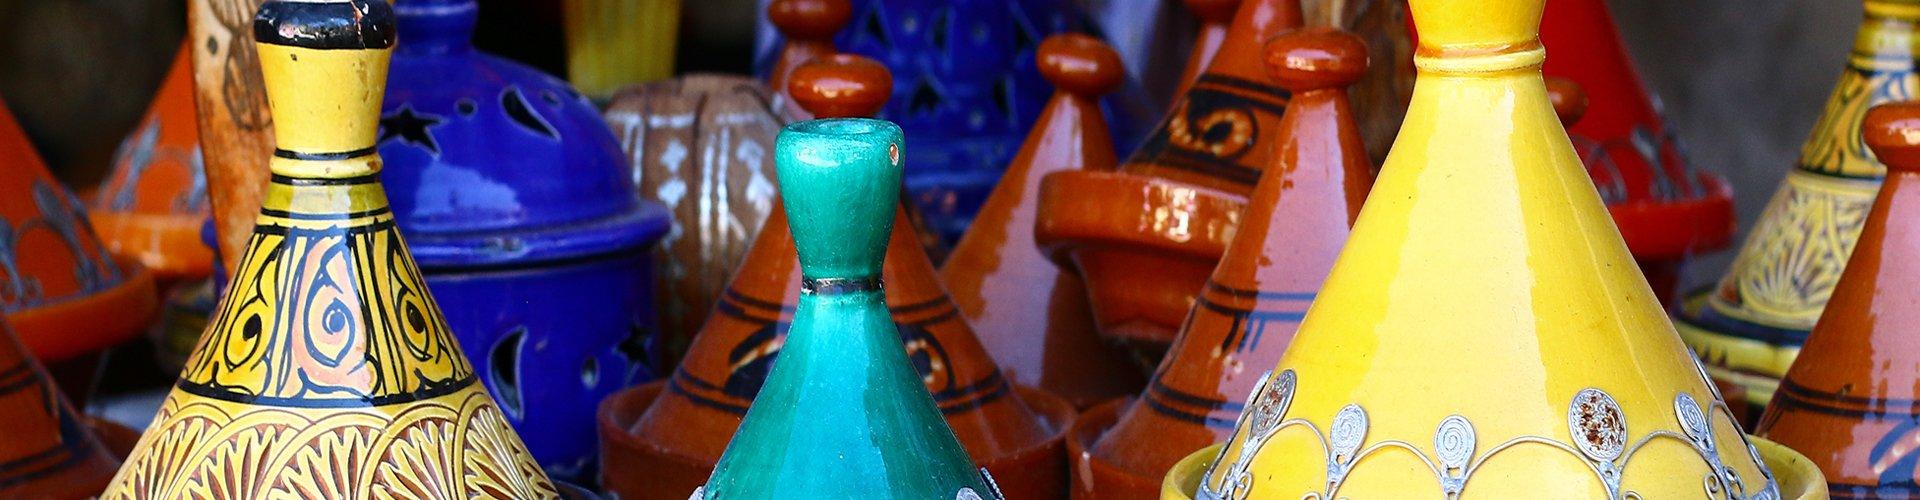 Kleurrijke tajines in Marokko